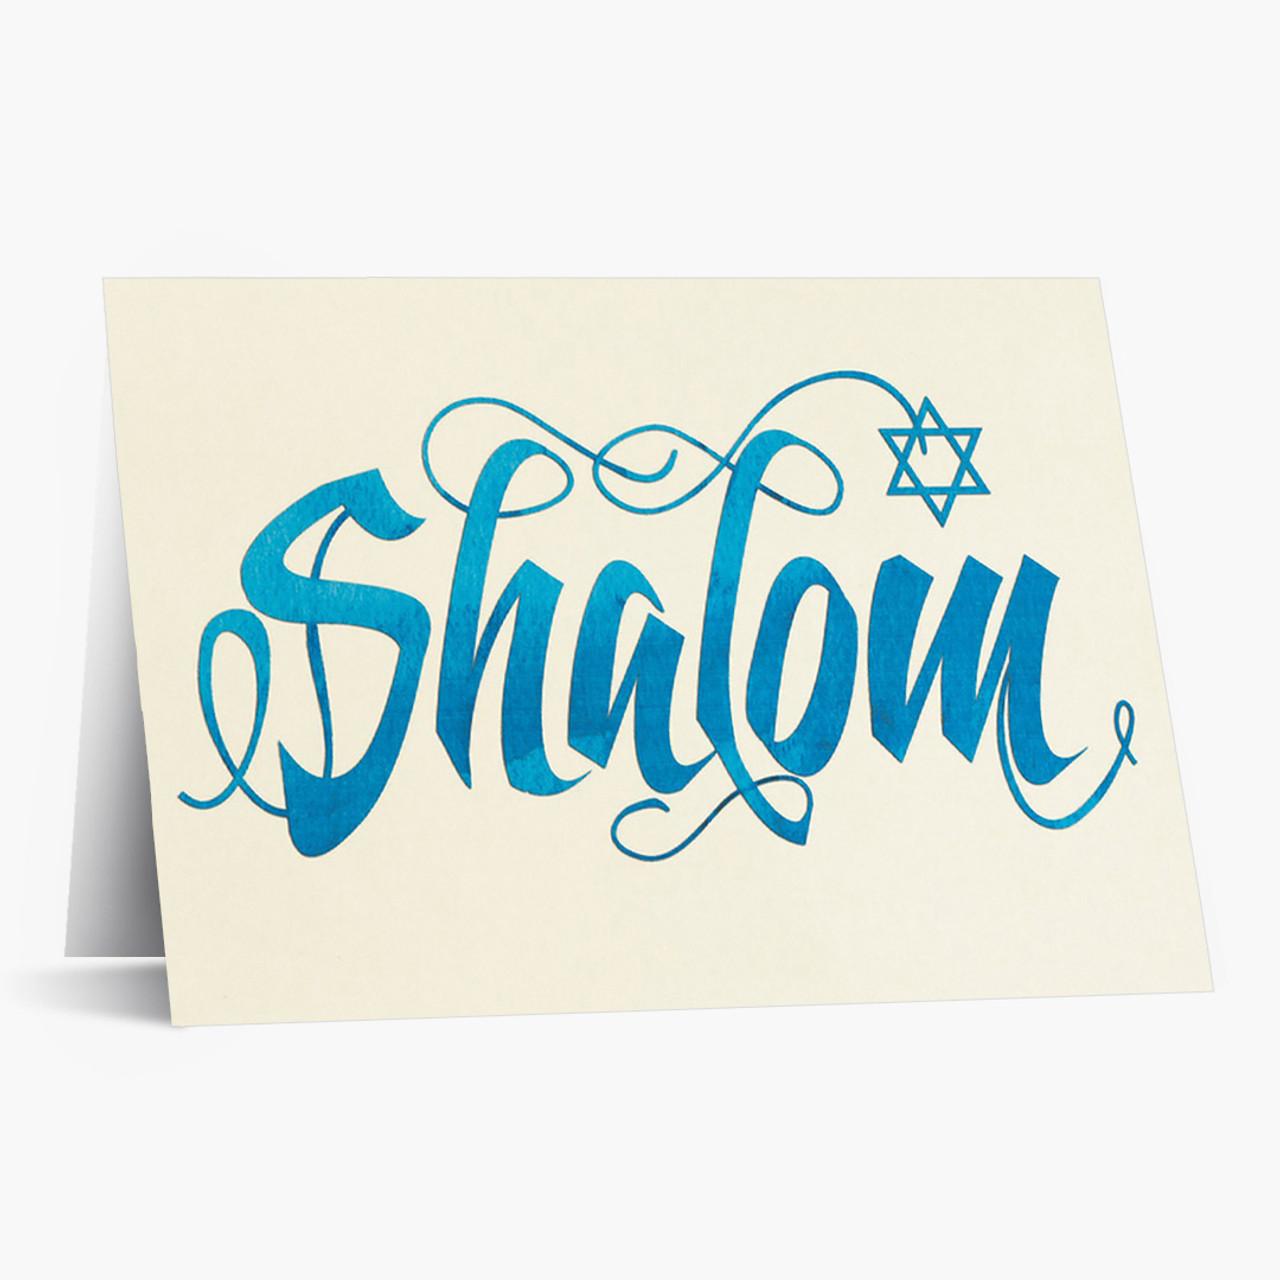 Simply Shalom Rosh Hashanah Card